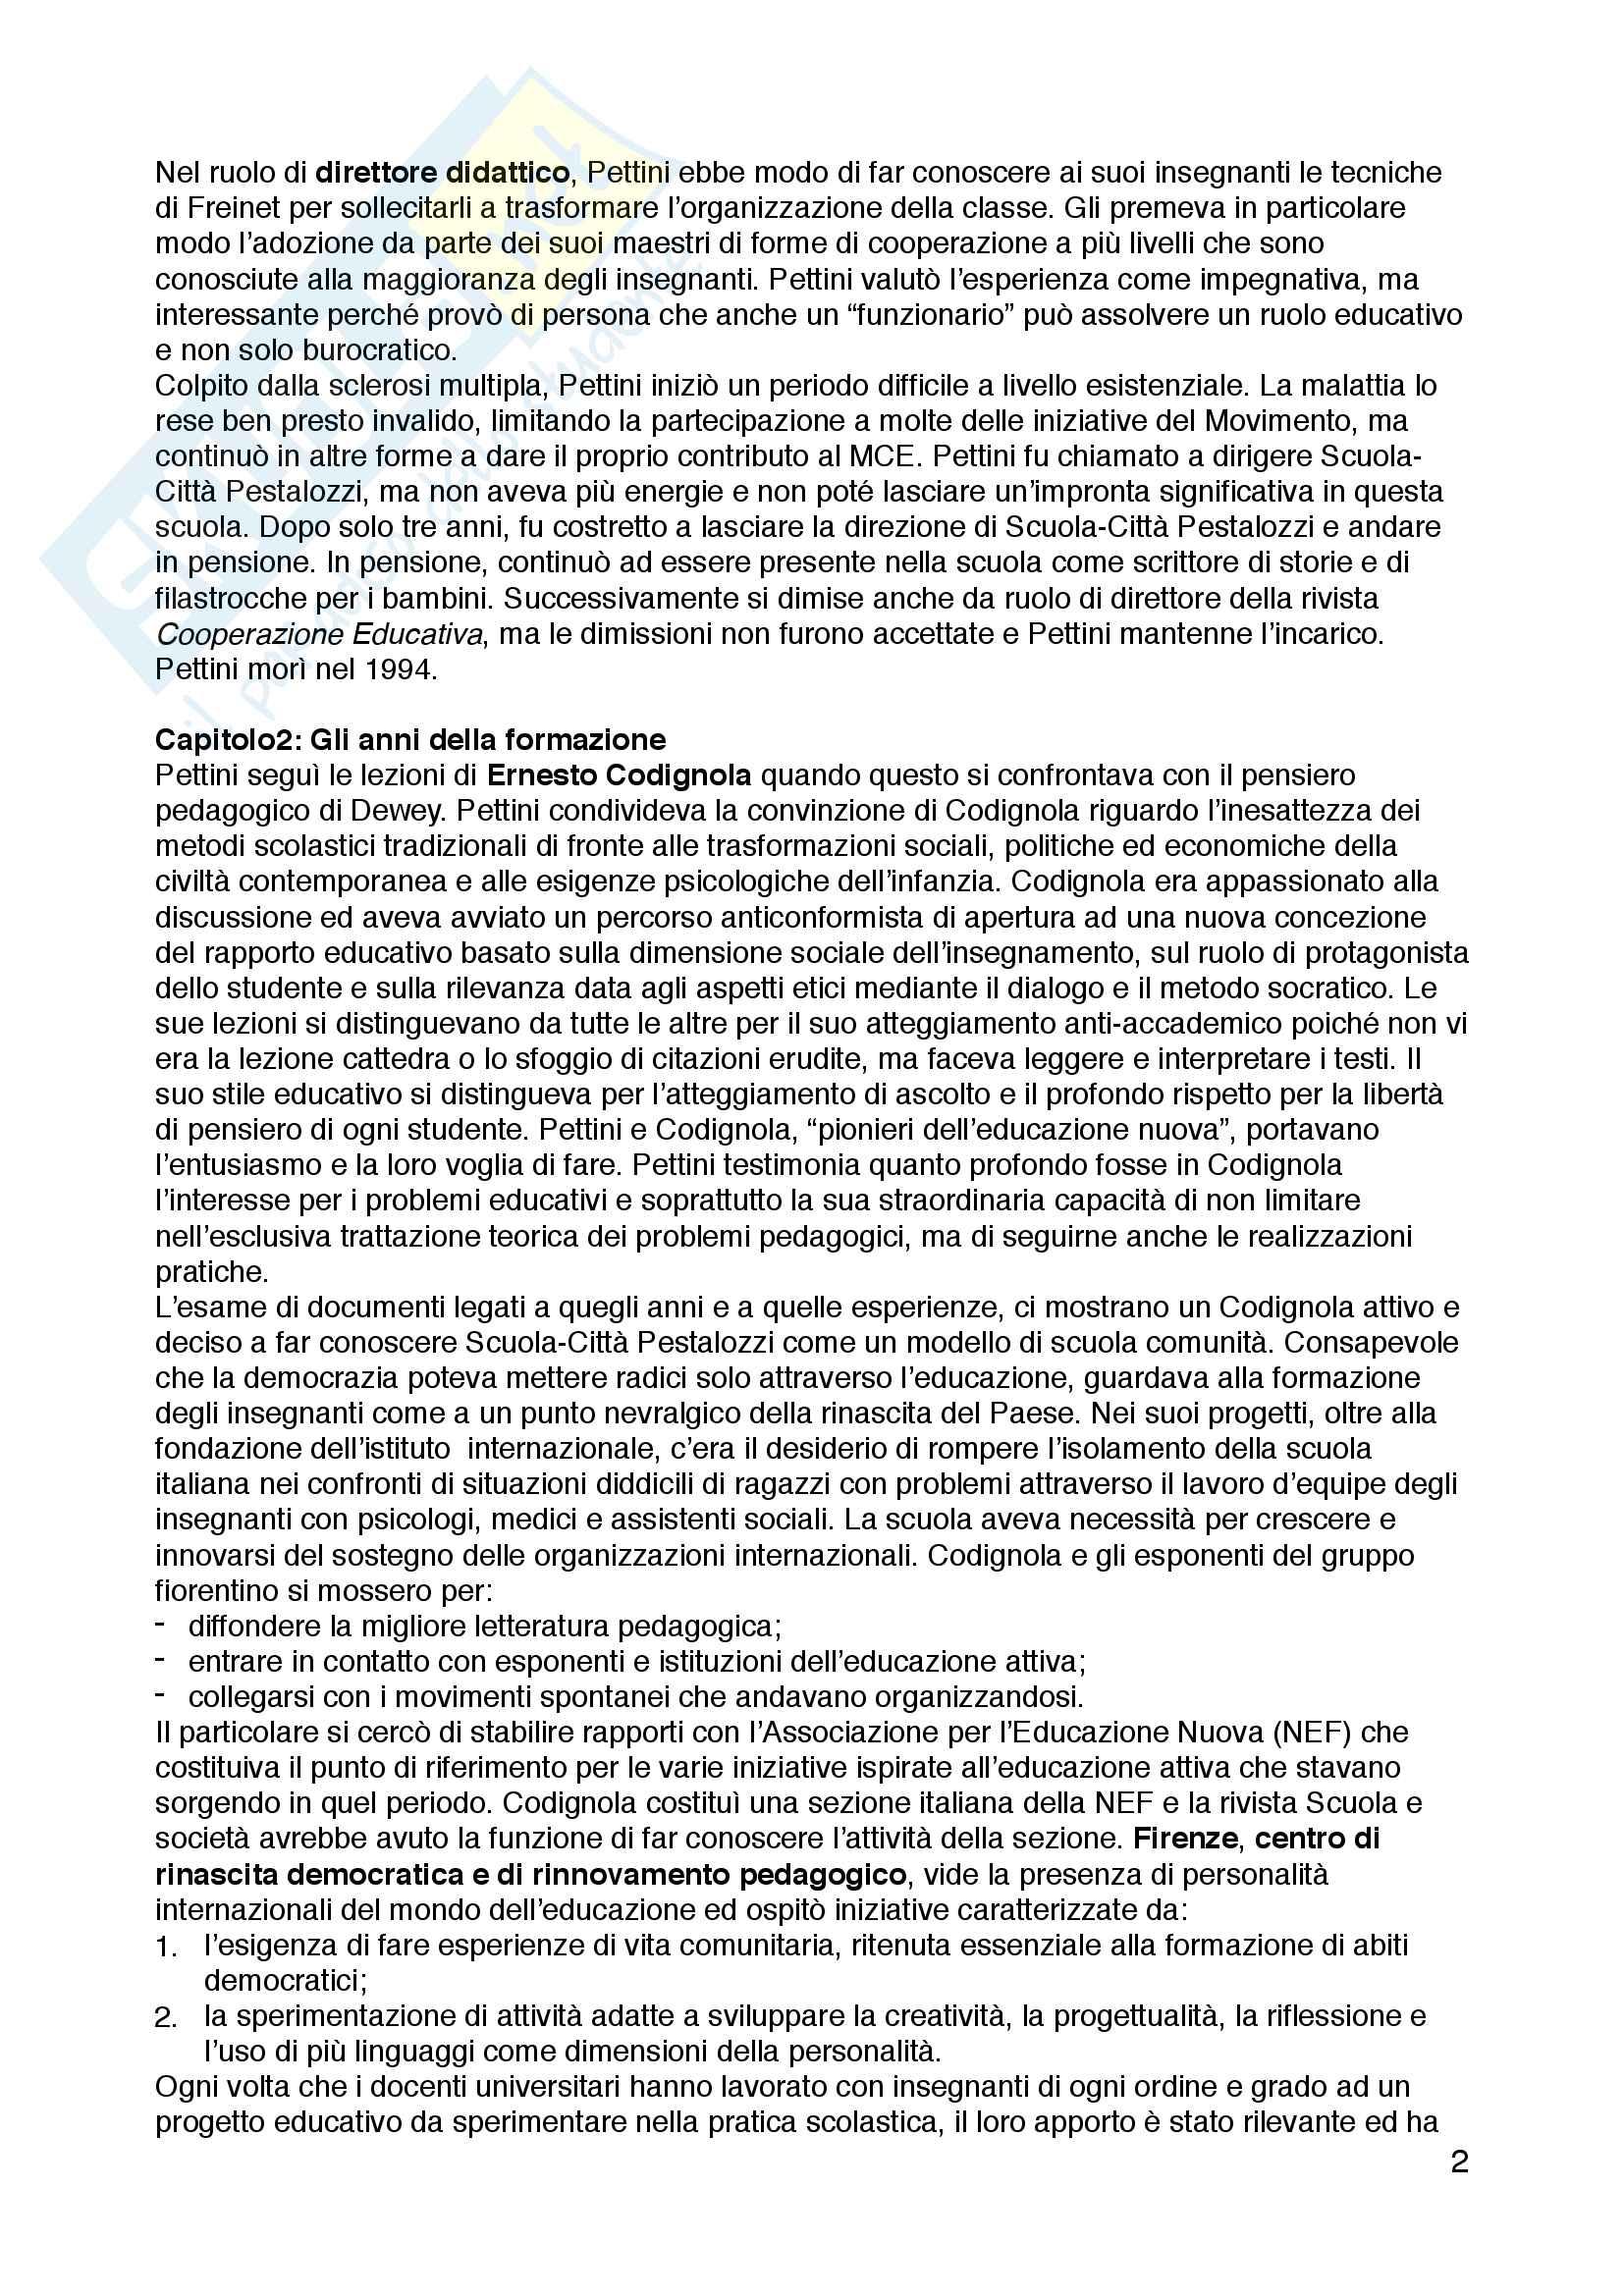 """Riassunto esame Storia dell'educazione, prof. Gianfranco Bandini, libro consigliato """"Al di là delle tecniche. La pratica educativa di Aldo Pettini"""", Maria Rosaria Di Santo Pag. 2"""